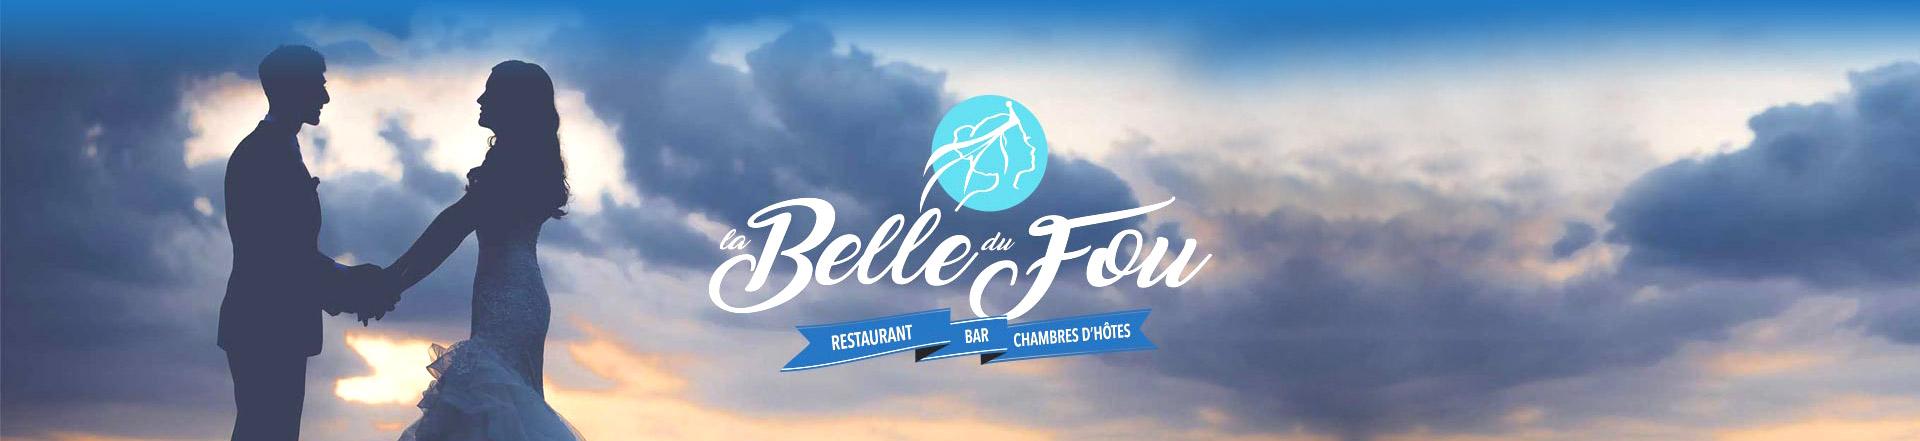 La Belle du Fou - Restaurant Bar Chambre d'Hôtes à Chambretaud en Vendée